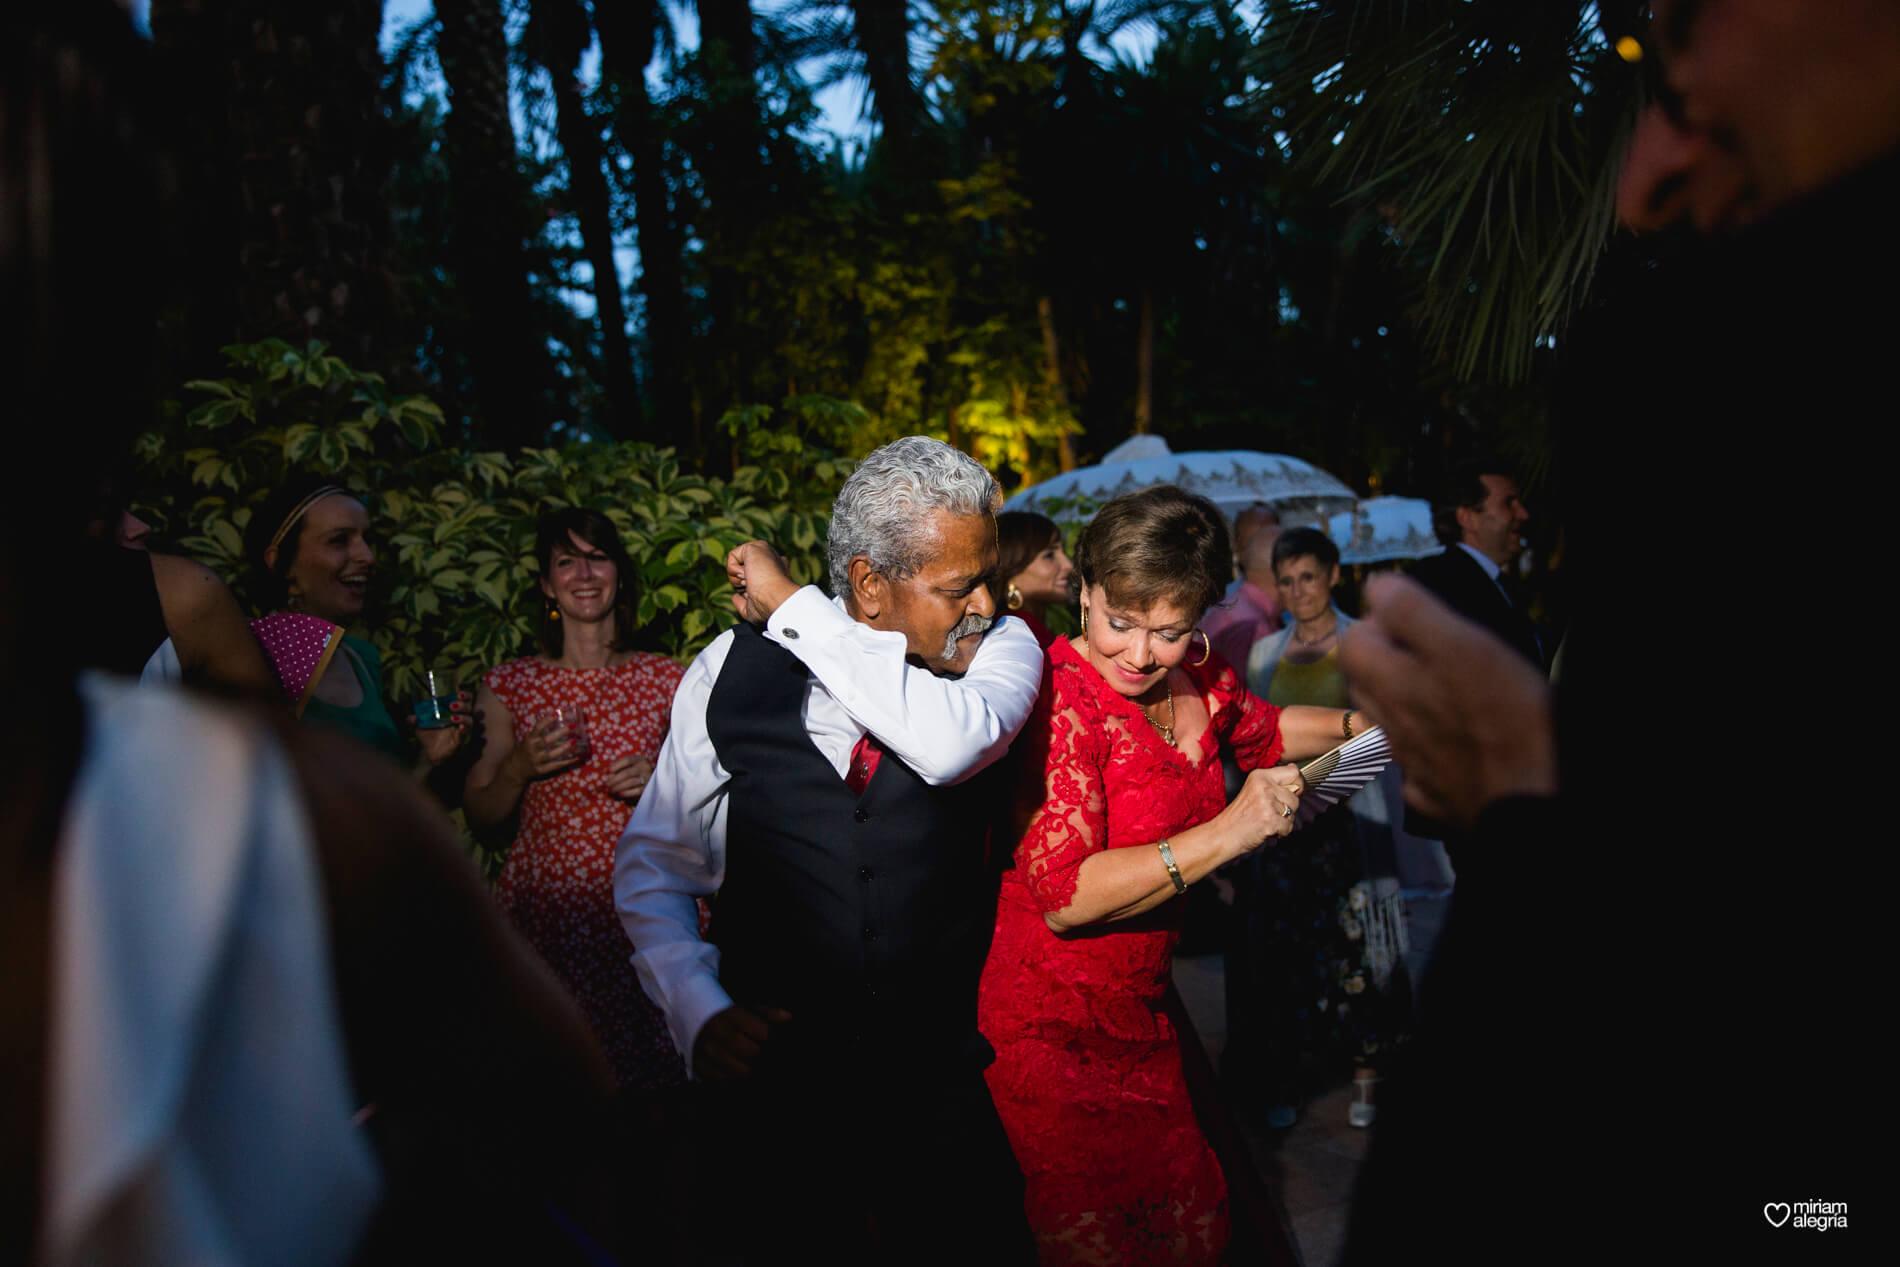 wedding-huerto-del-cura-elche-miriam-alegria-fotografos-boda-73